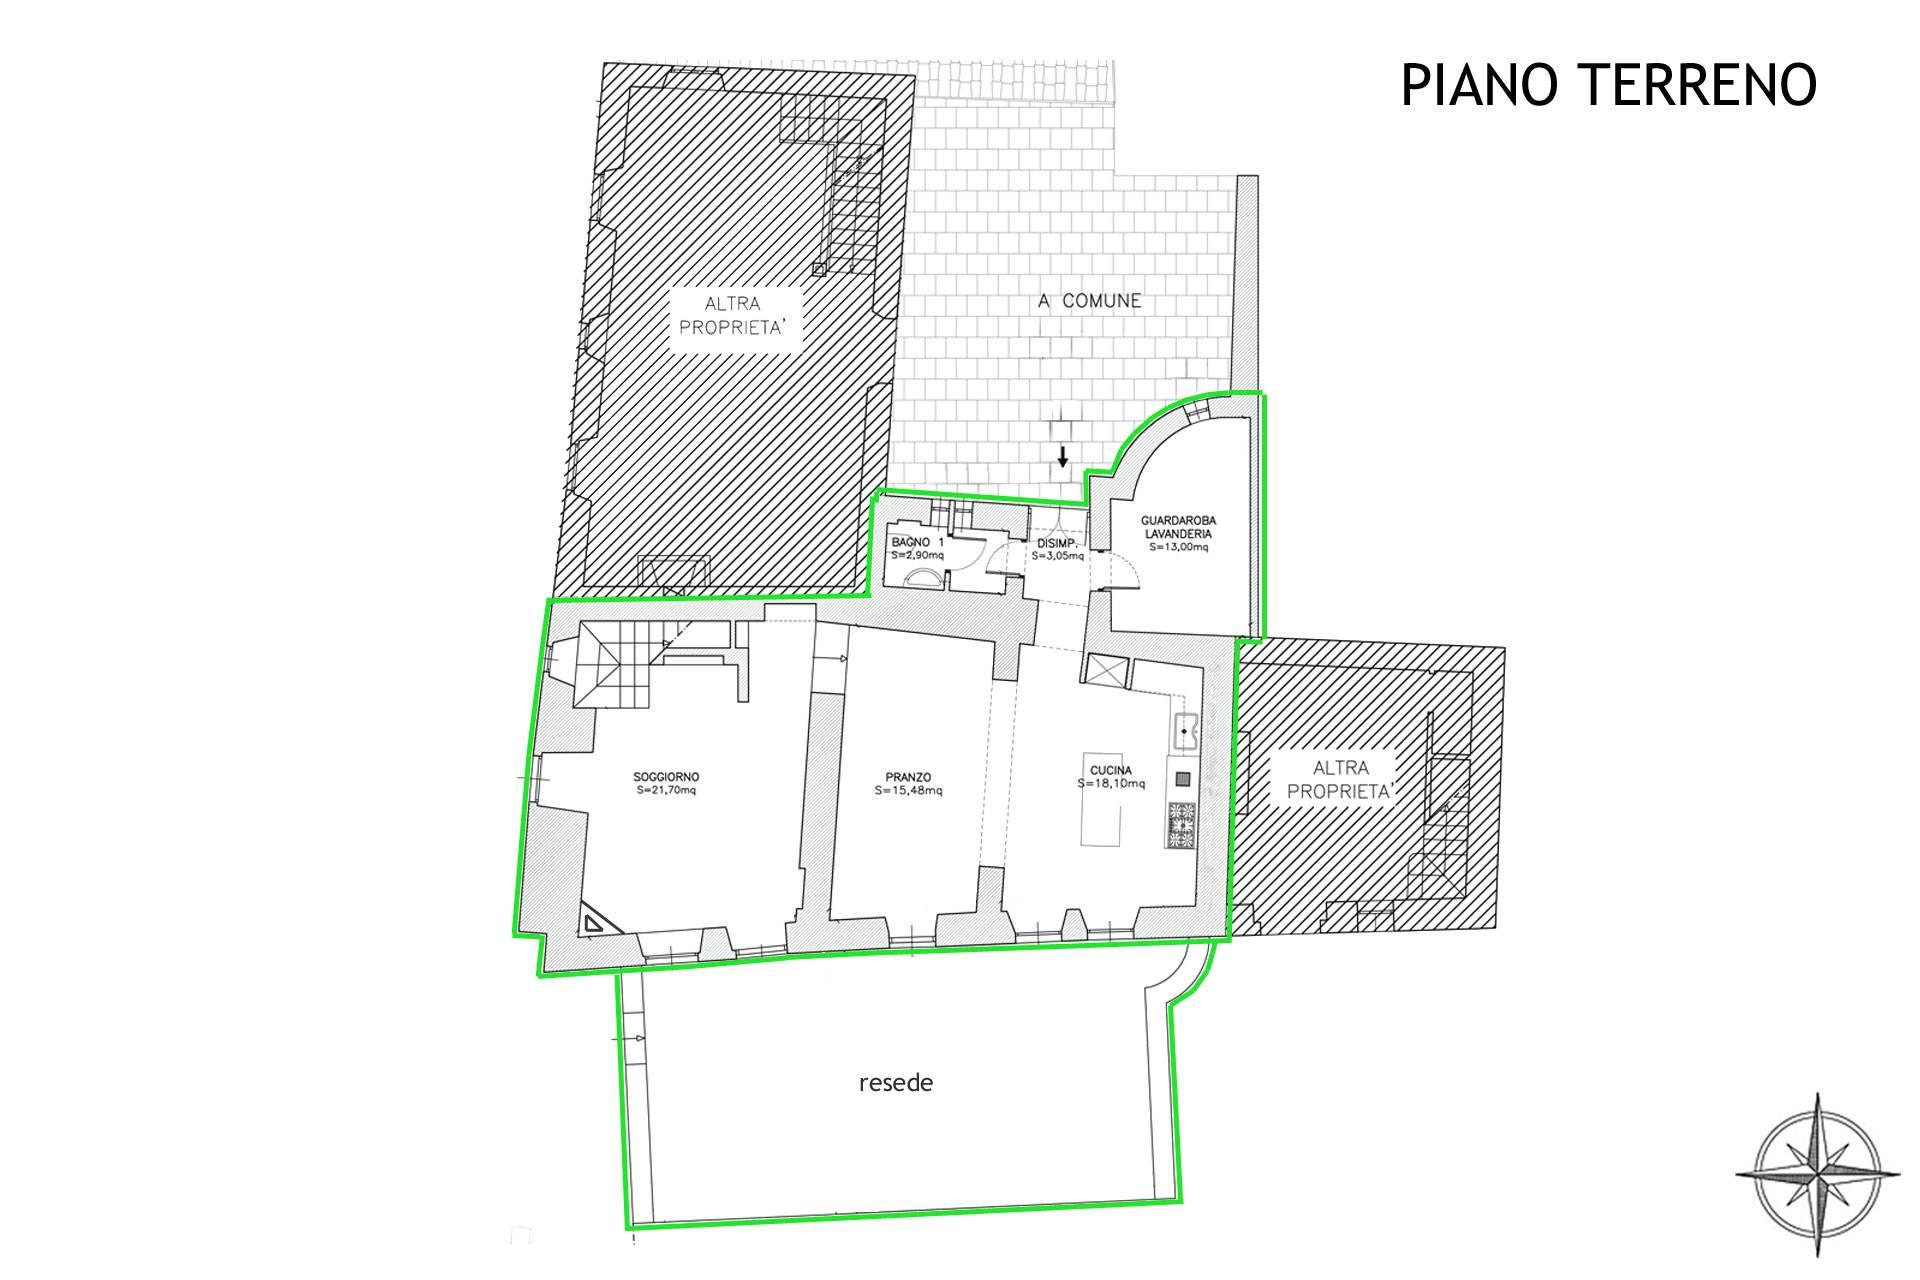 7184-plan piano terreno